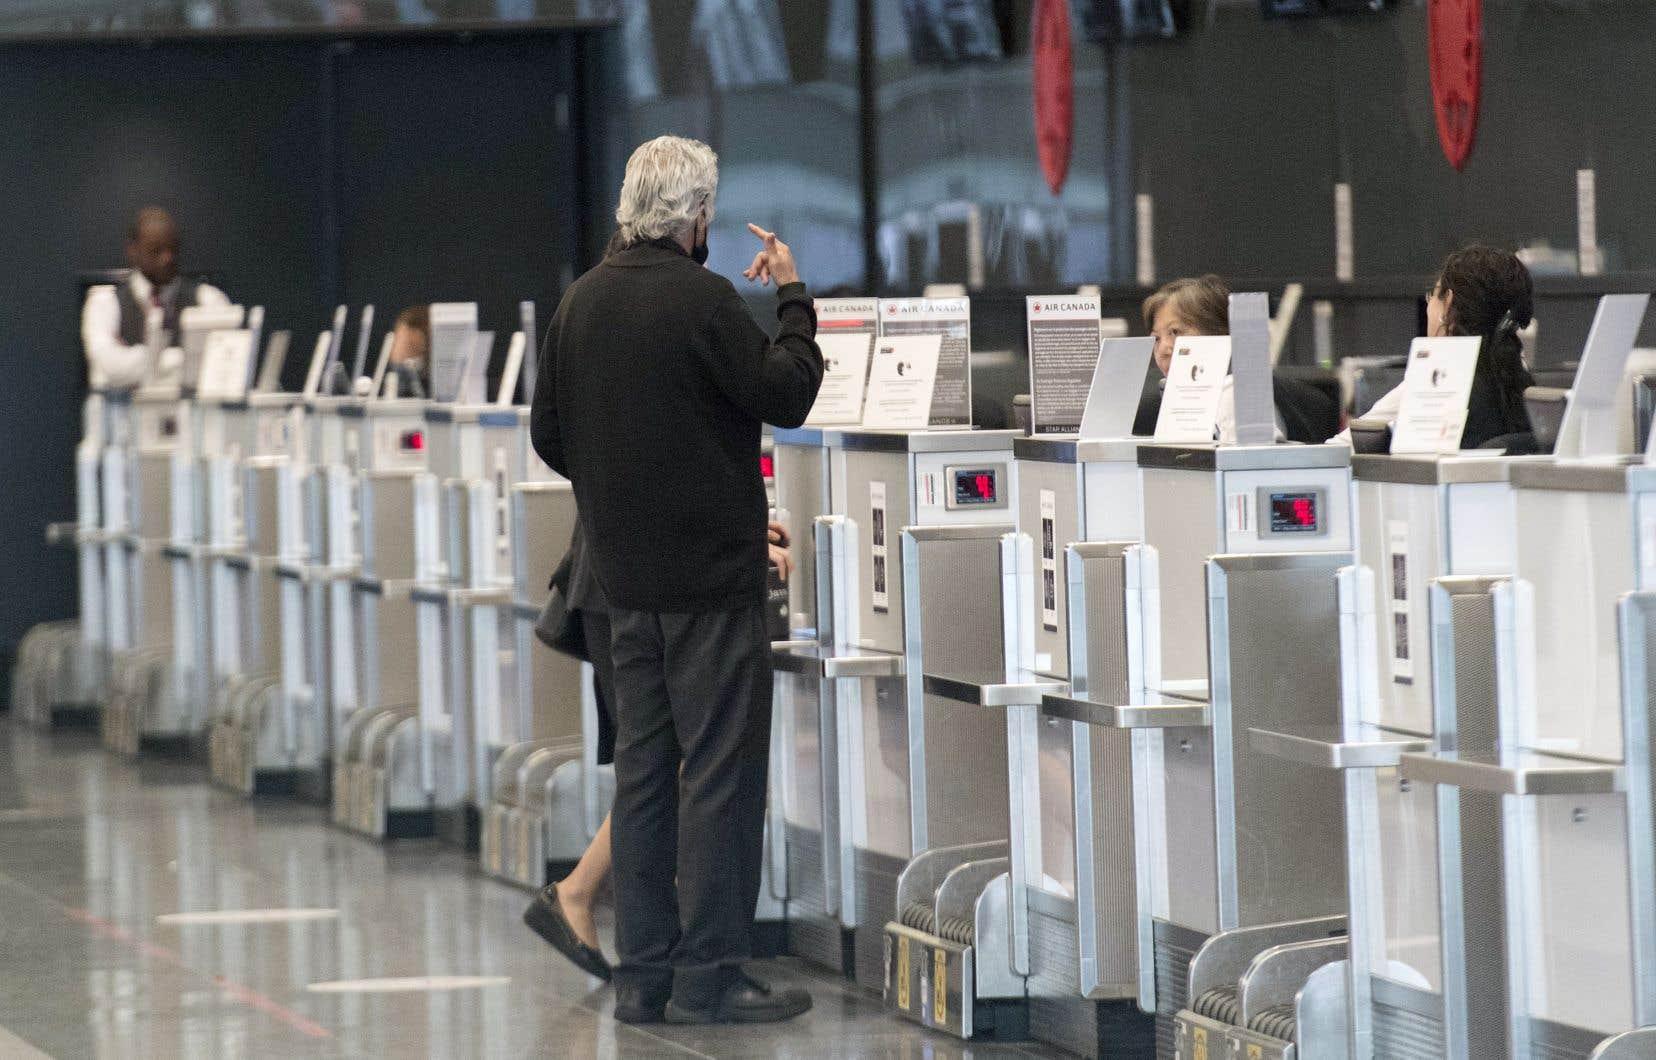 Air Canada a assoupli sa politique d'annulation et offre des bons sans date d'expiration, comparativement à la limite précédente de 24 mois.